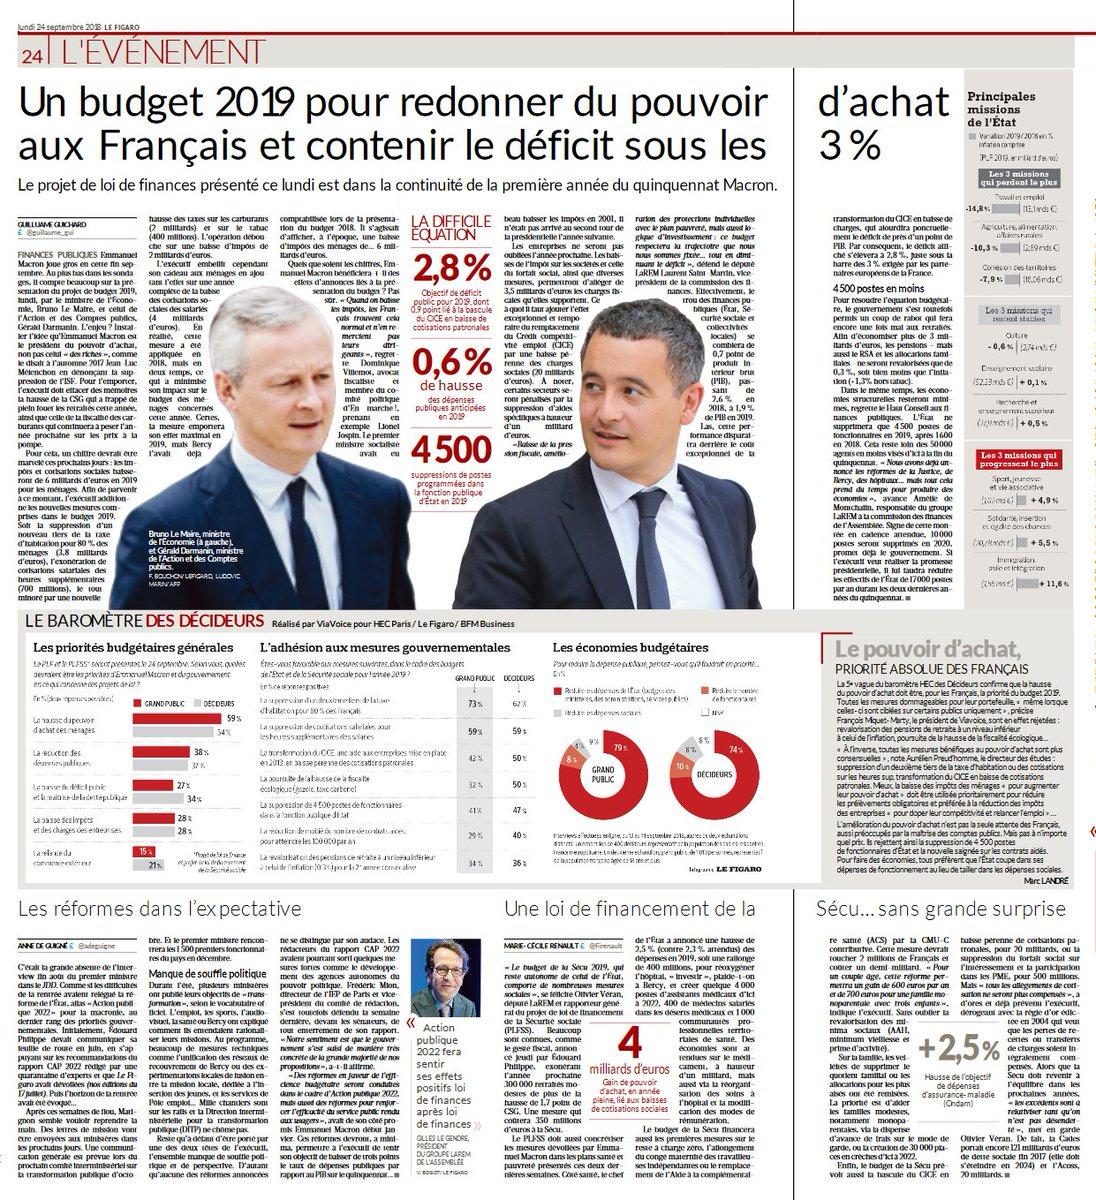 A découvrir à 22h dans @Le_Figaro en PDF ou demain matin dans nos éditions PRINT l'Evénement ECO (signé @guillaume_gui, @adeguigne et @Firenault) dédié au budget 2019 dévoilé ce lundi... Au menu? Pouvoir d'achat, fiscalité, réformes, Sécu...